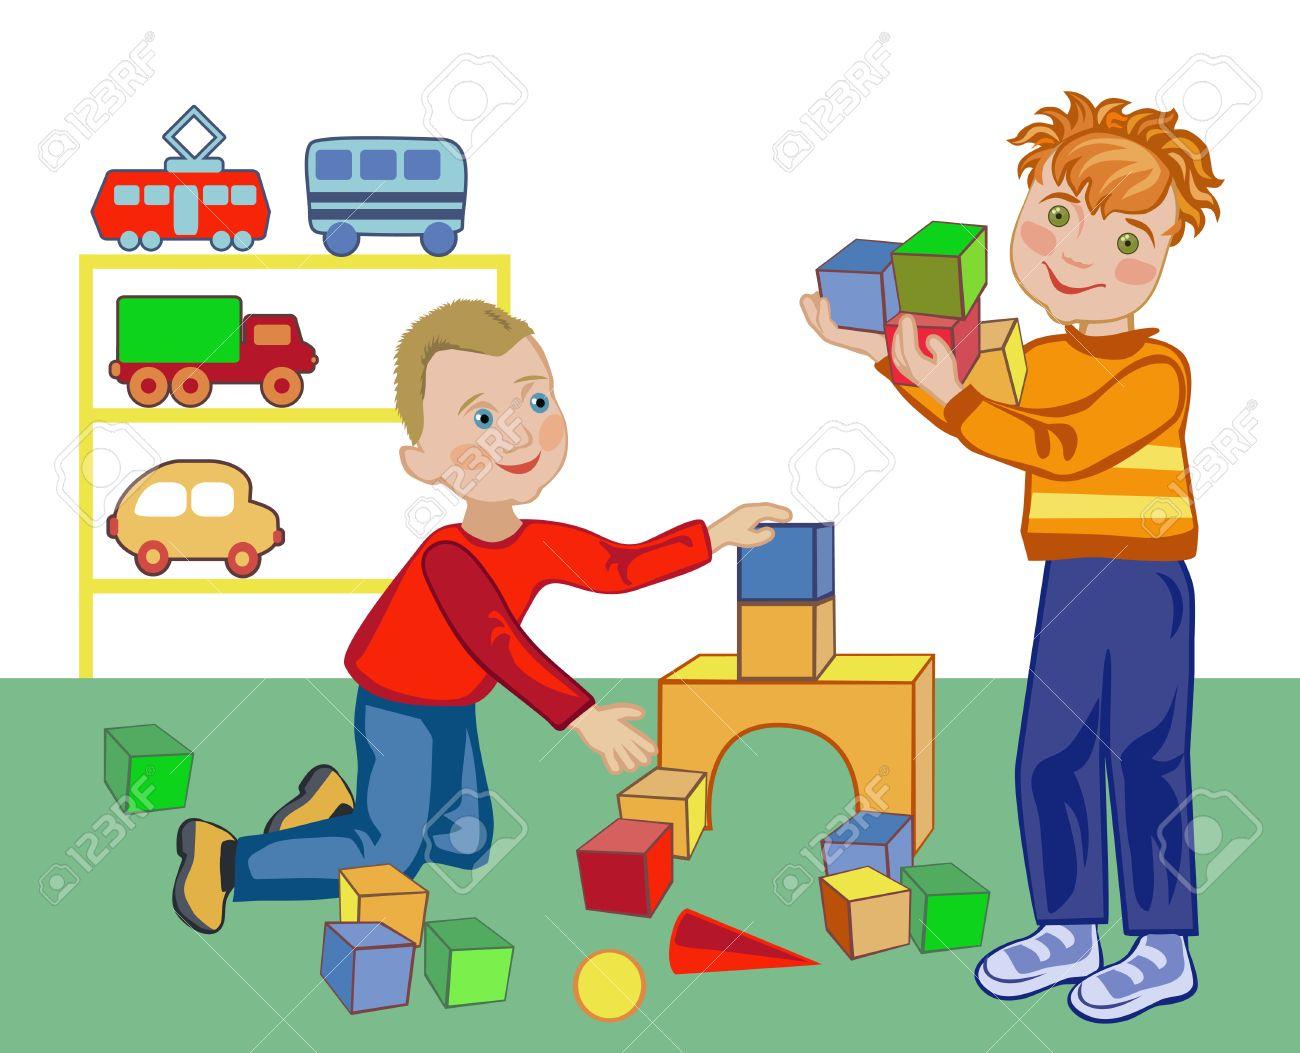 Haus bauen clipart  Zwei Kleine Jungen Bauen Ein Haus Aus Der Blöcke Im Kindergarten ...